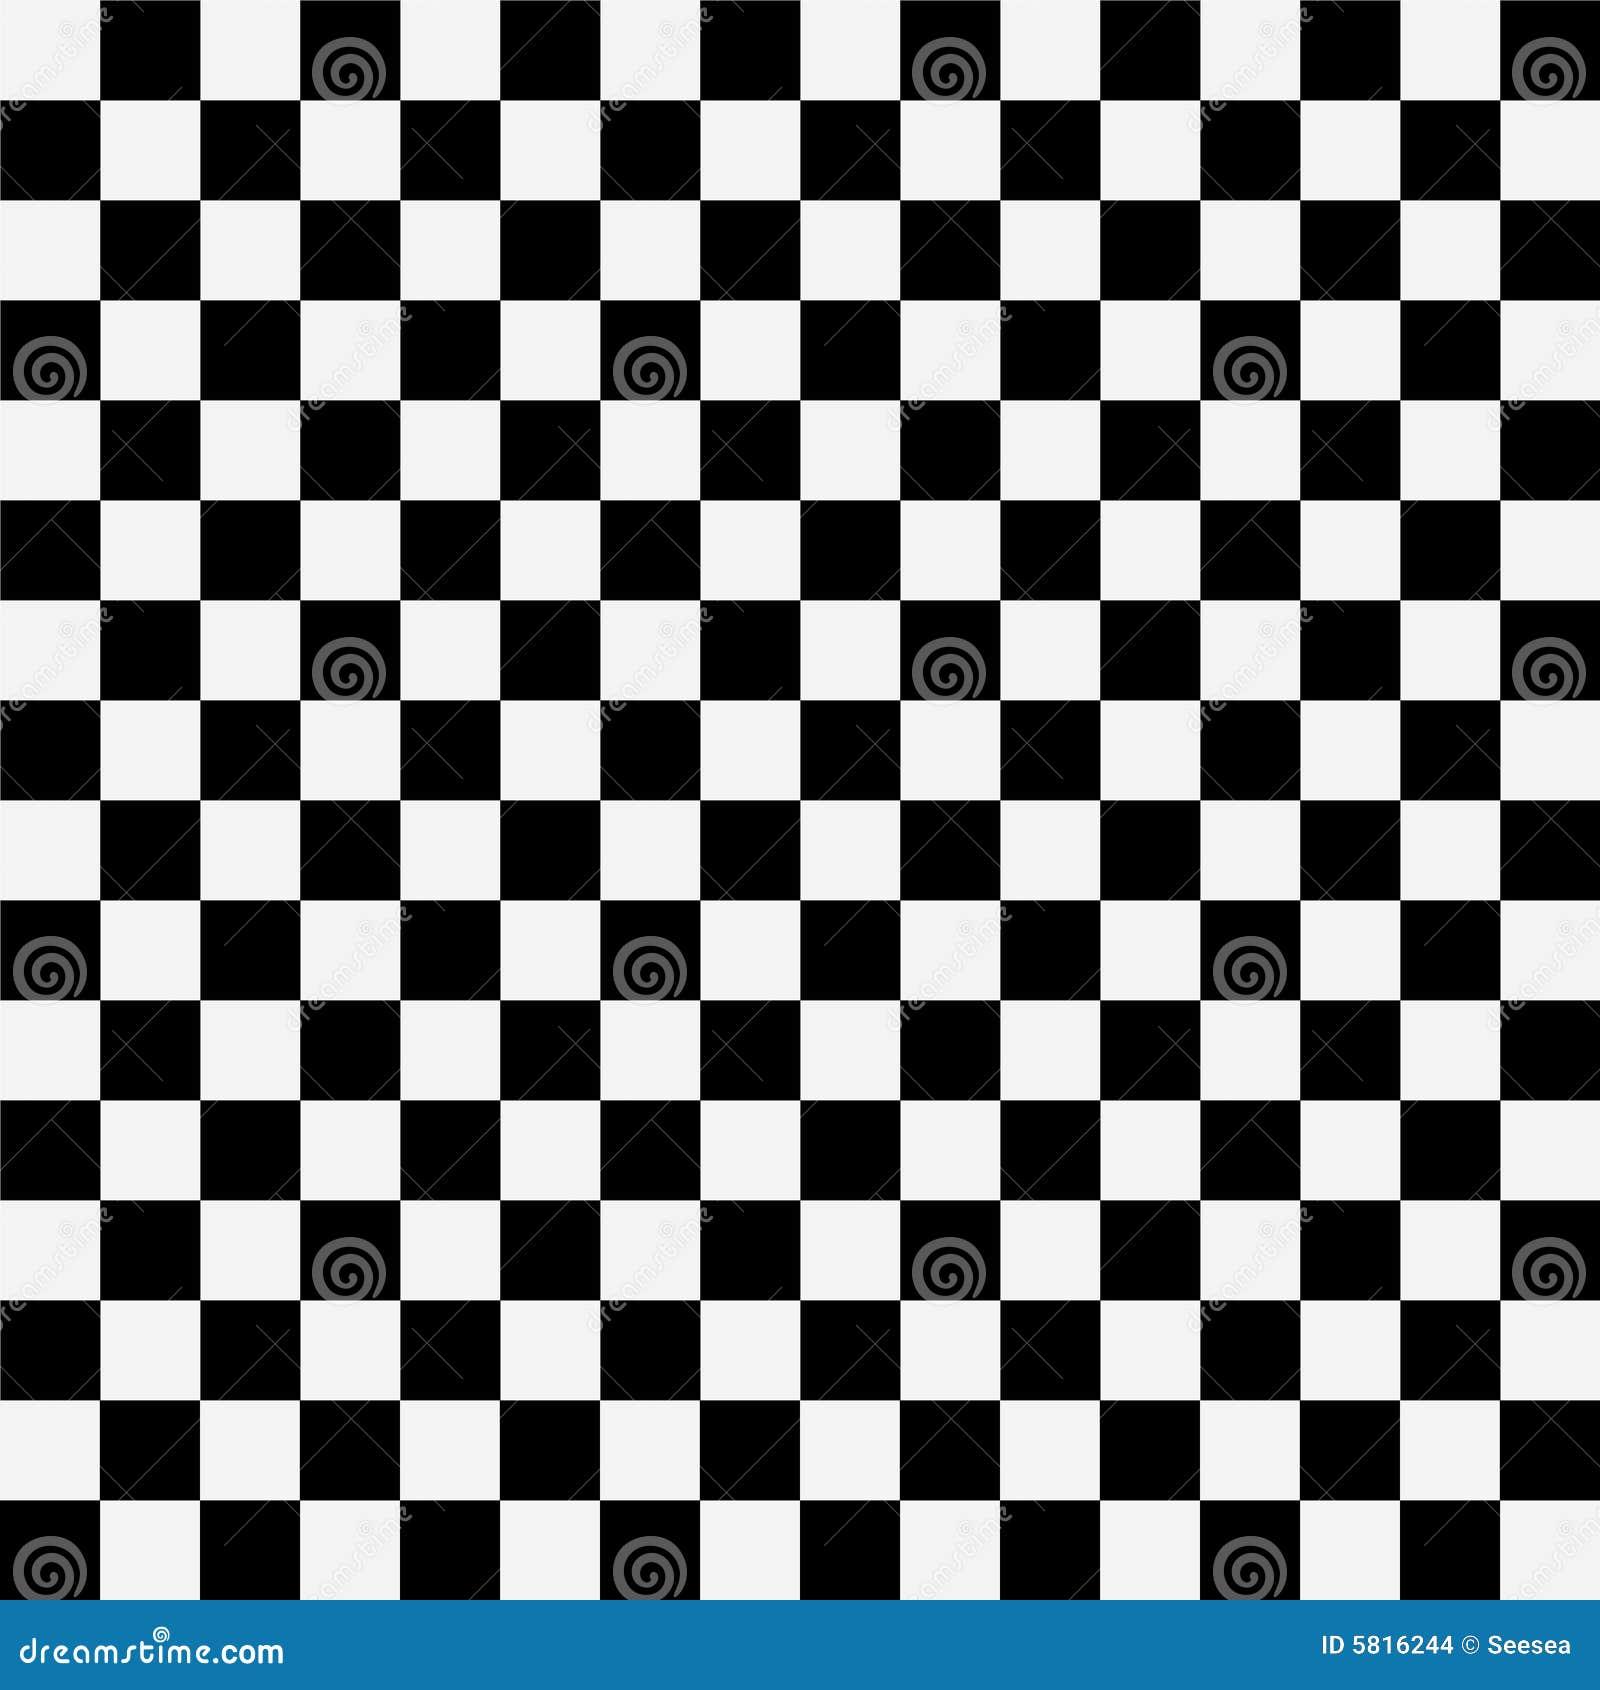 Tile Pictures Quadrados Preto E Branco Imagens De Stock Imagem 5816244